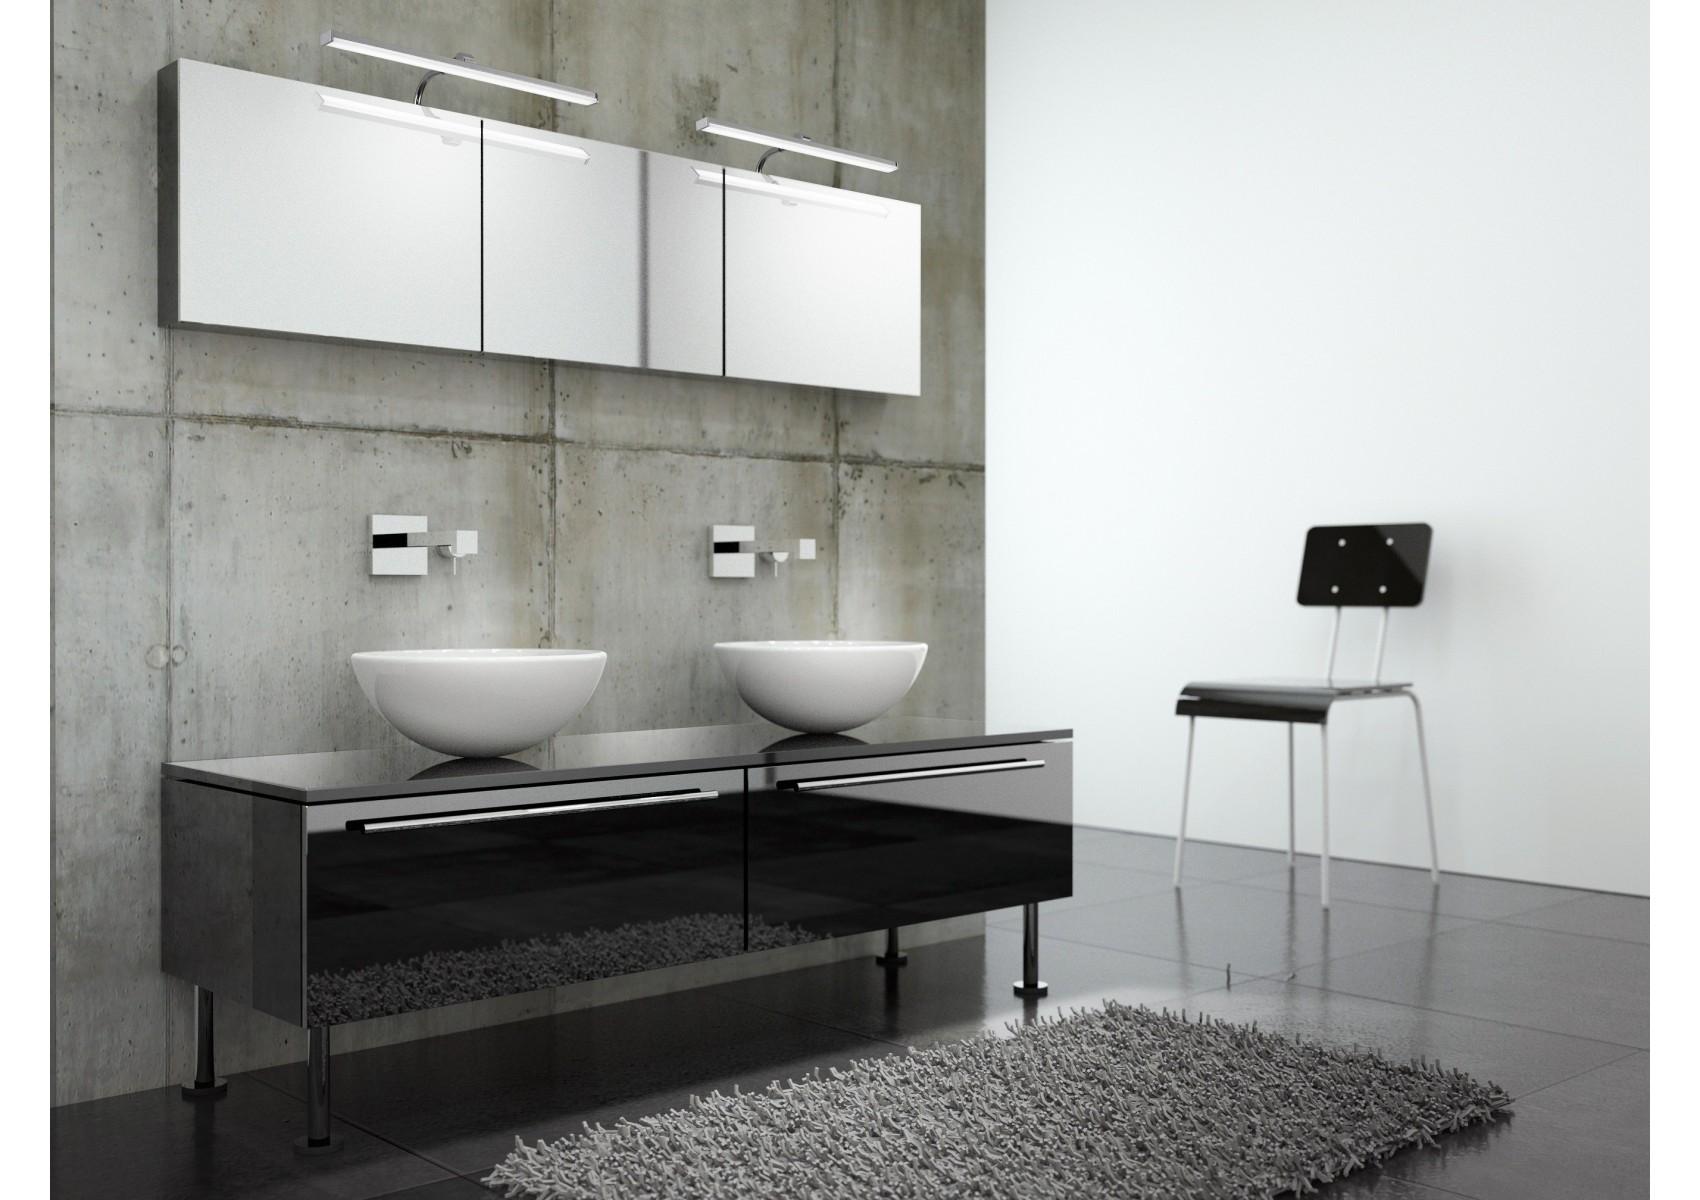 applique design sisley salle de bain et tableau 36 cm. Black Bedroom Furniture Sets. Home Design Ideas